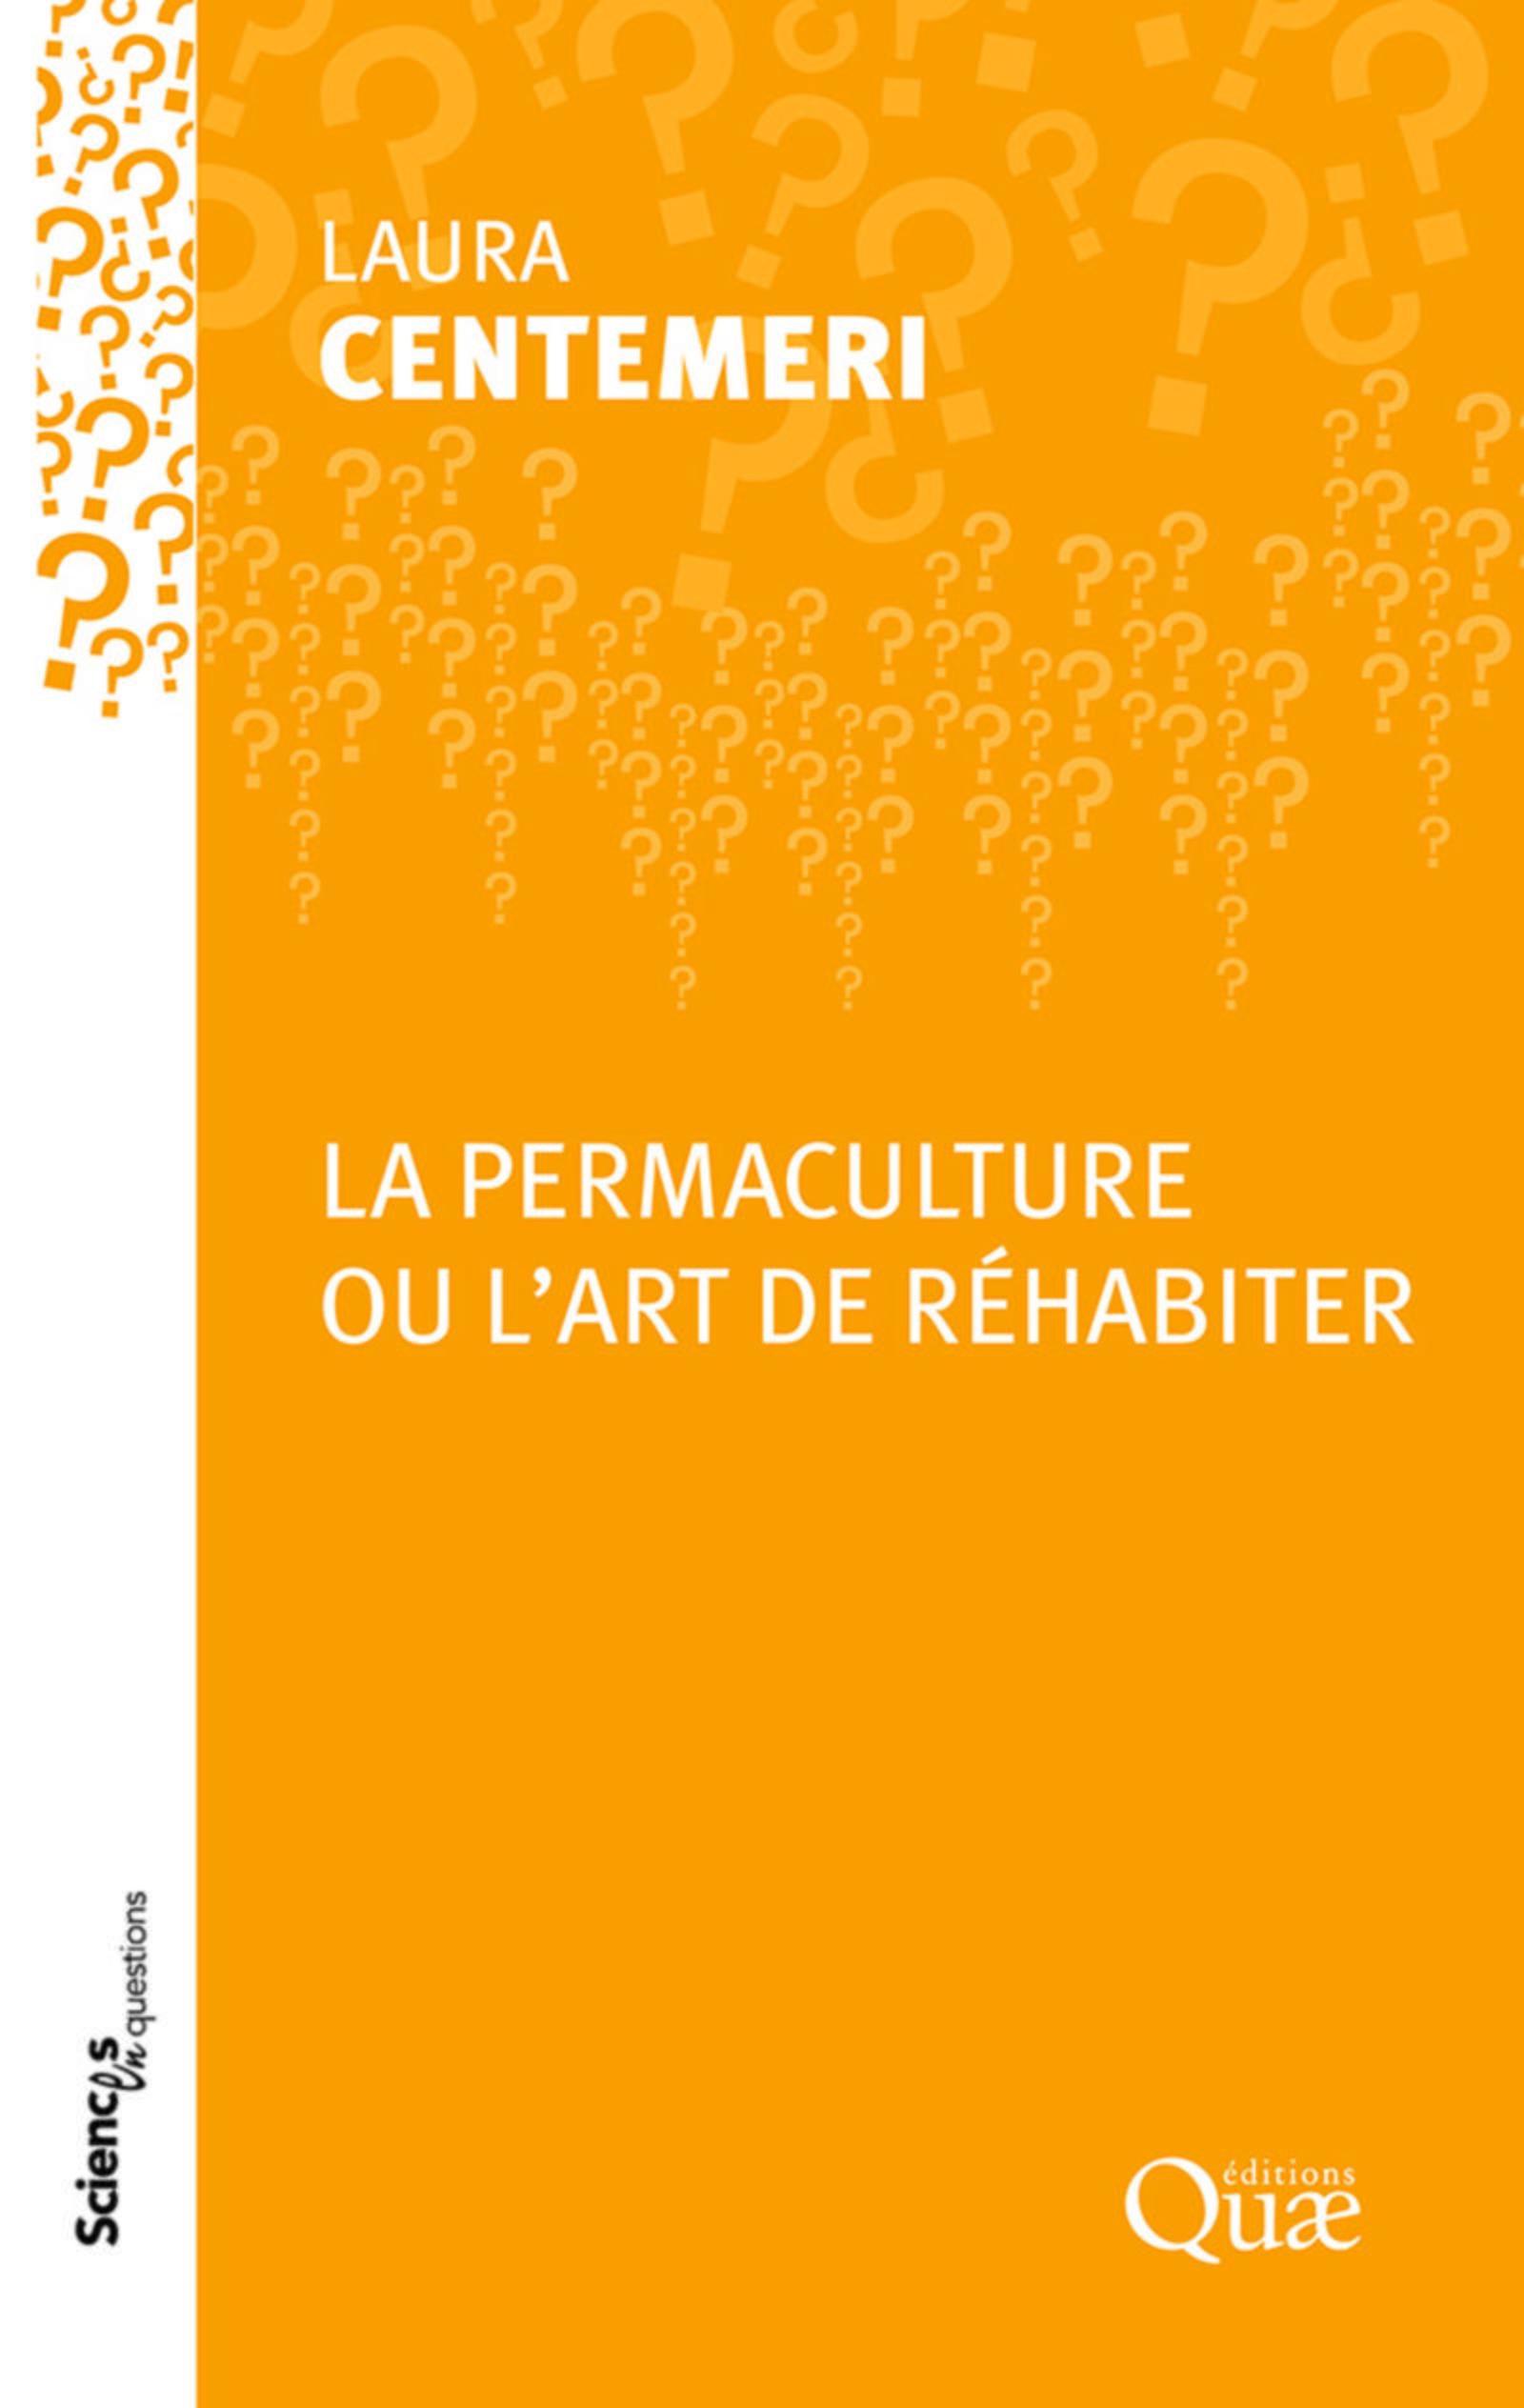 LA PERMACULTURE OU L'ART DE REHABITER